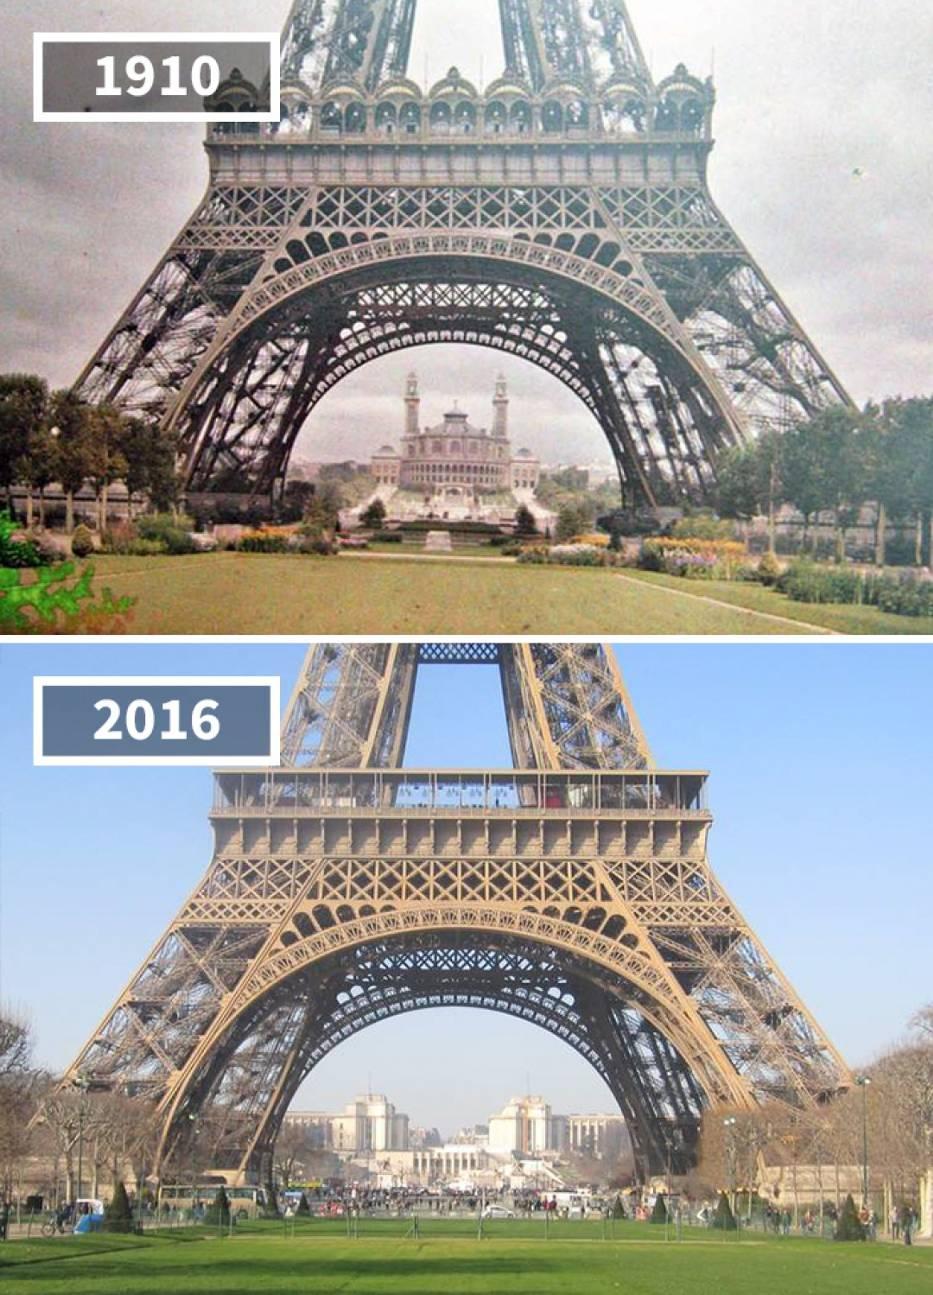 Tour Eiffel, Paris, France, 1910 - 2016